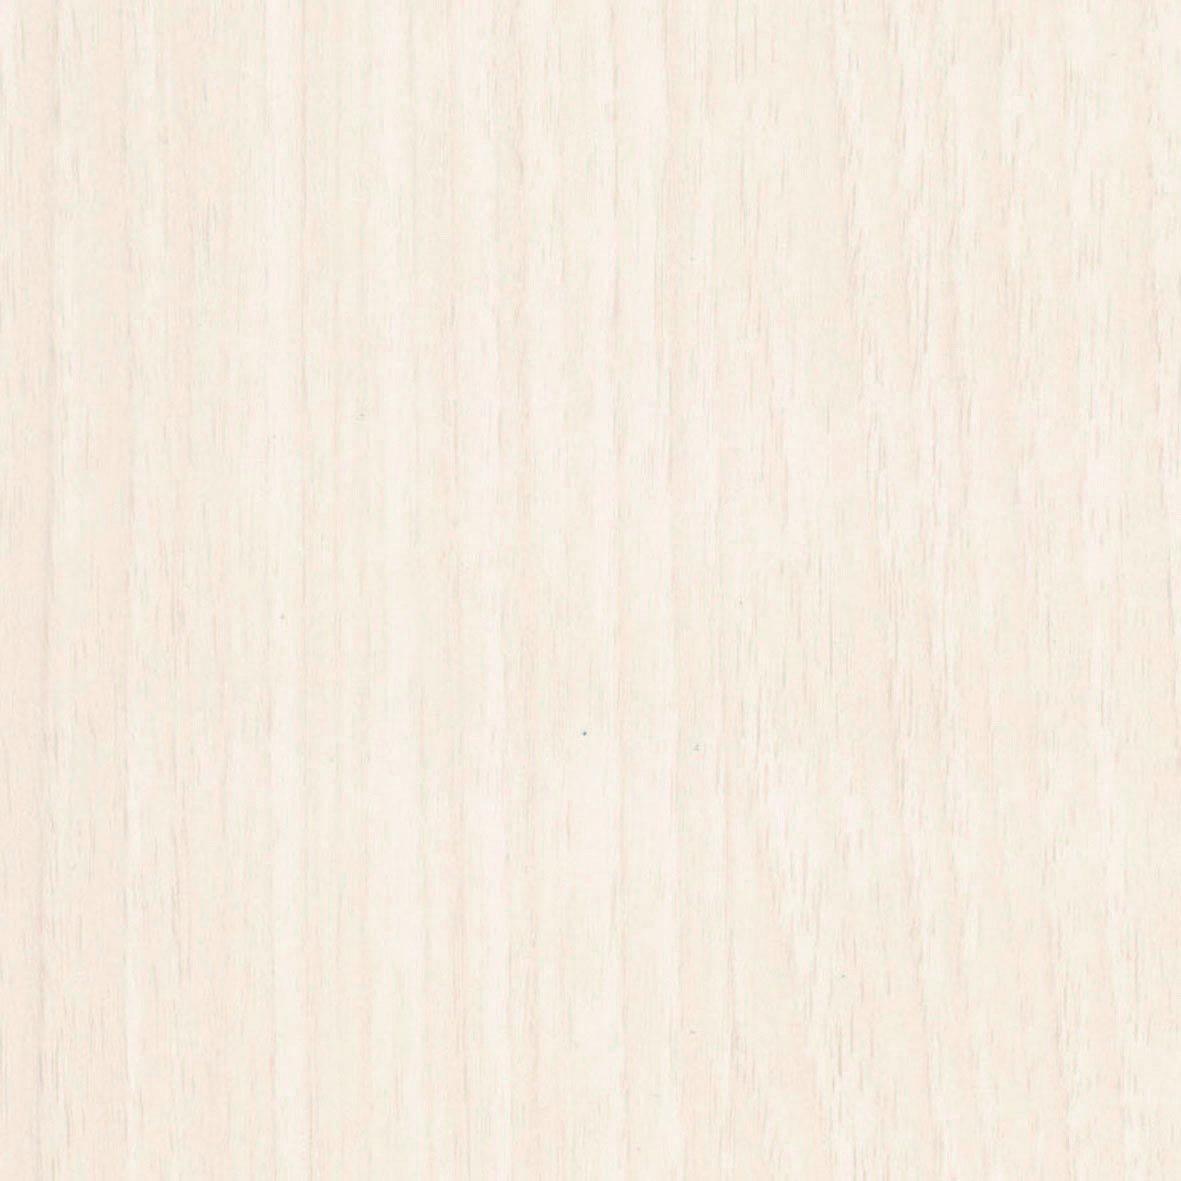 リリカラ 壁紙50m ナチュラル 木目調 ホワイト Wood & Stone LW-2680 B076111MPV 50m|ホワイト